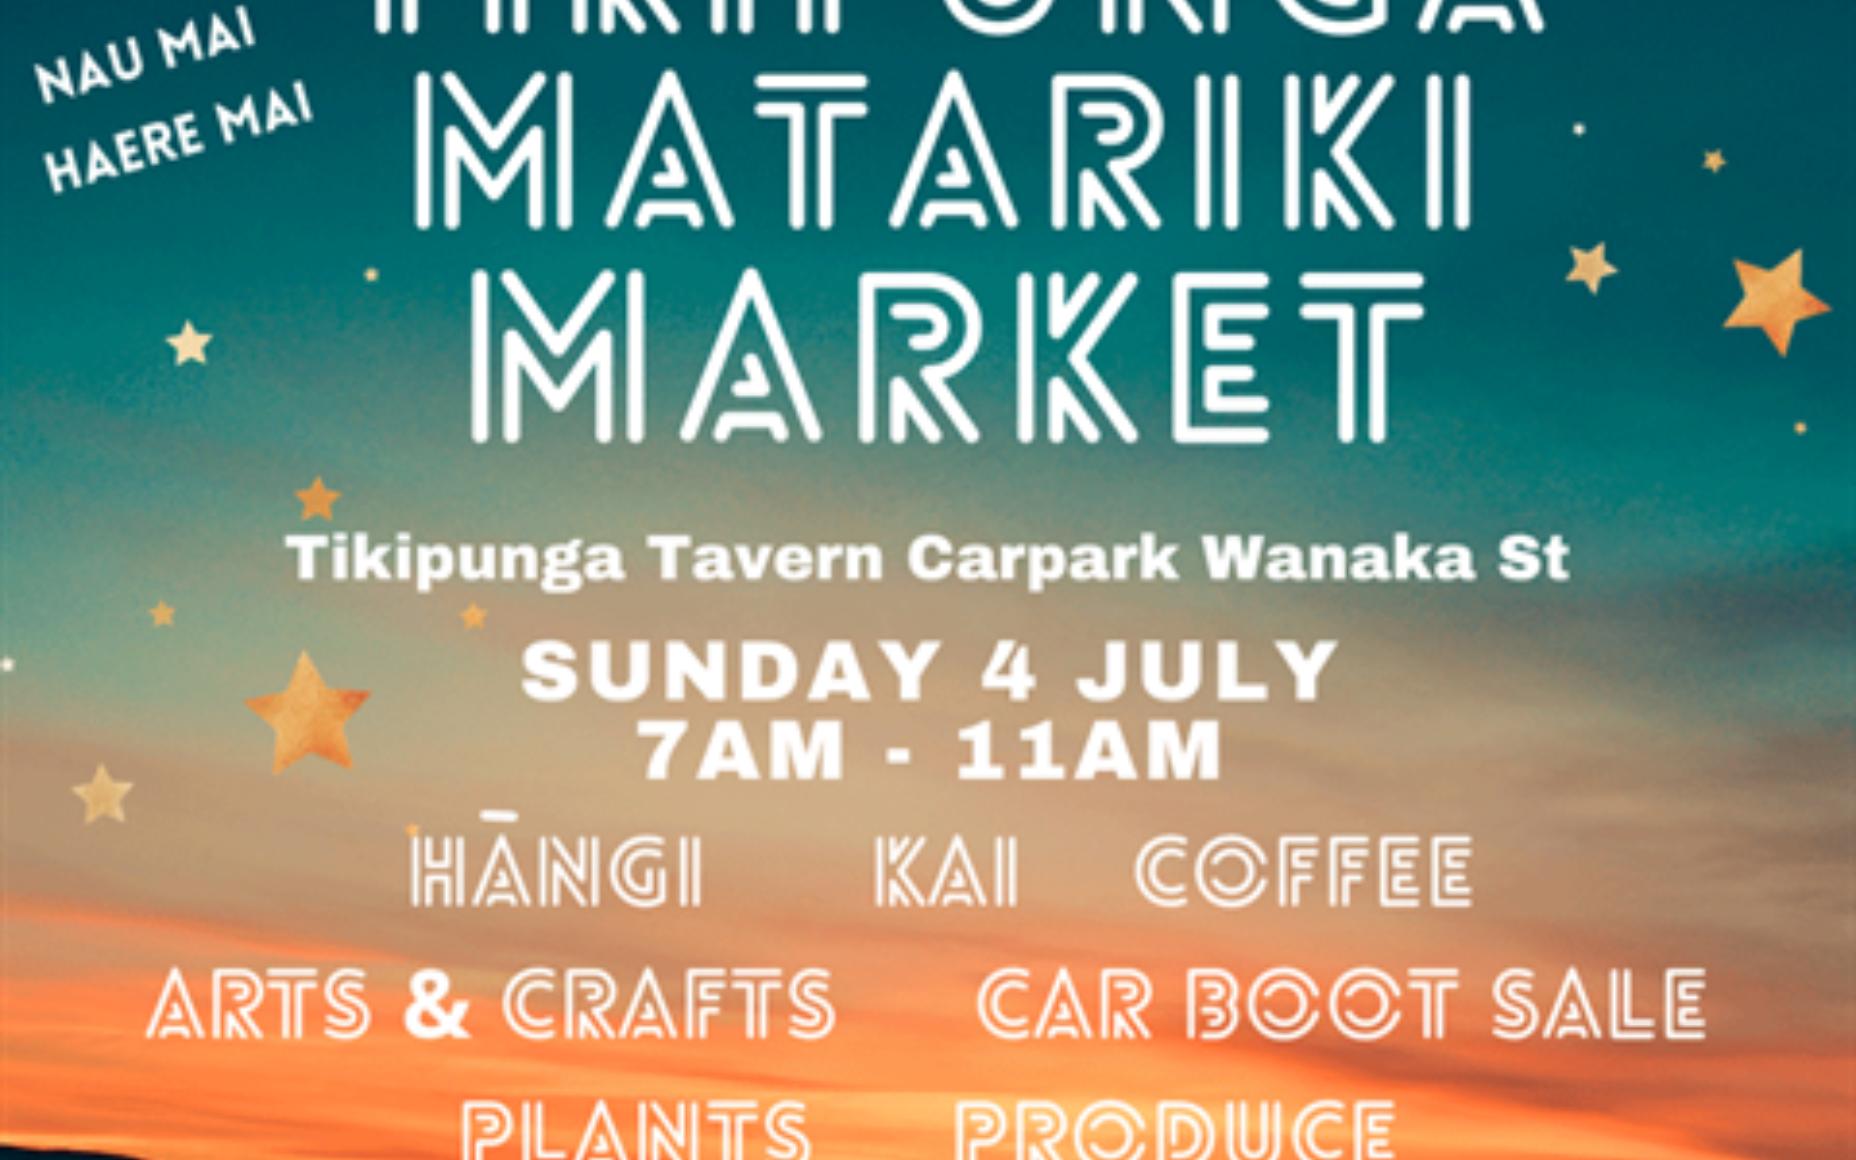 Tiki Matariki Market